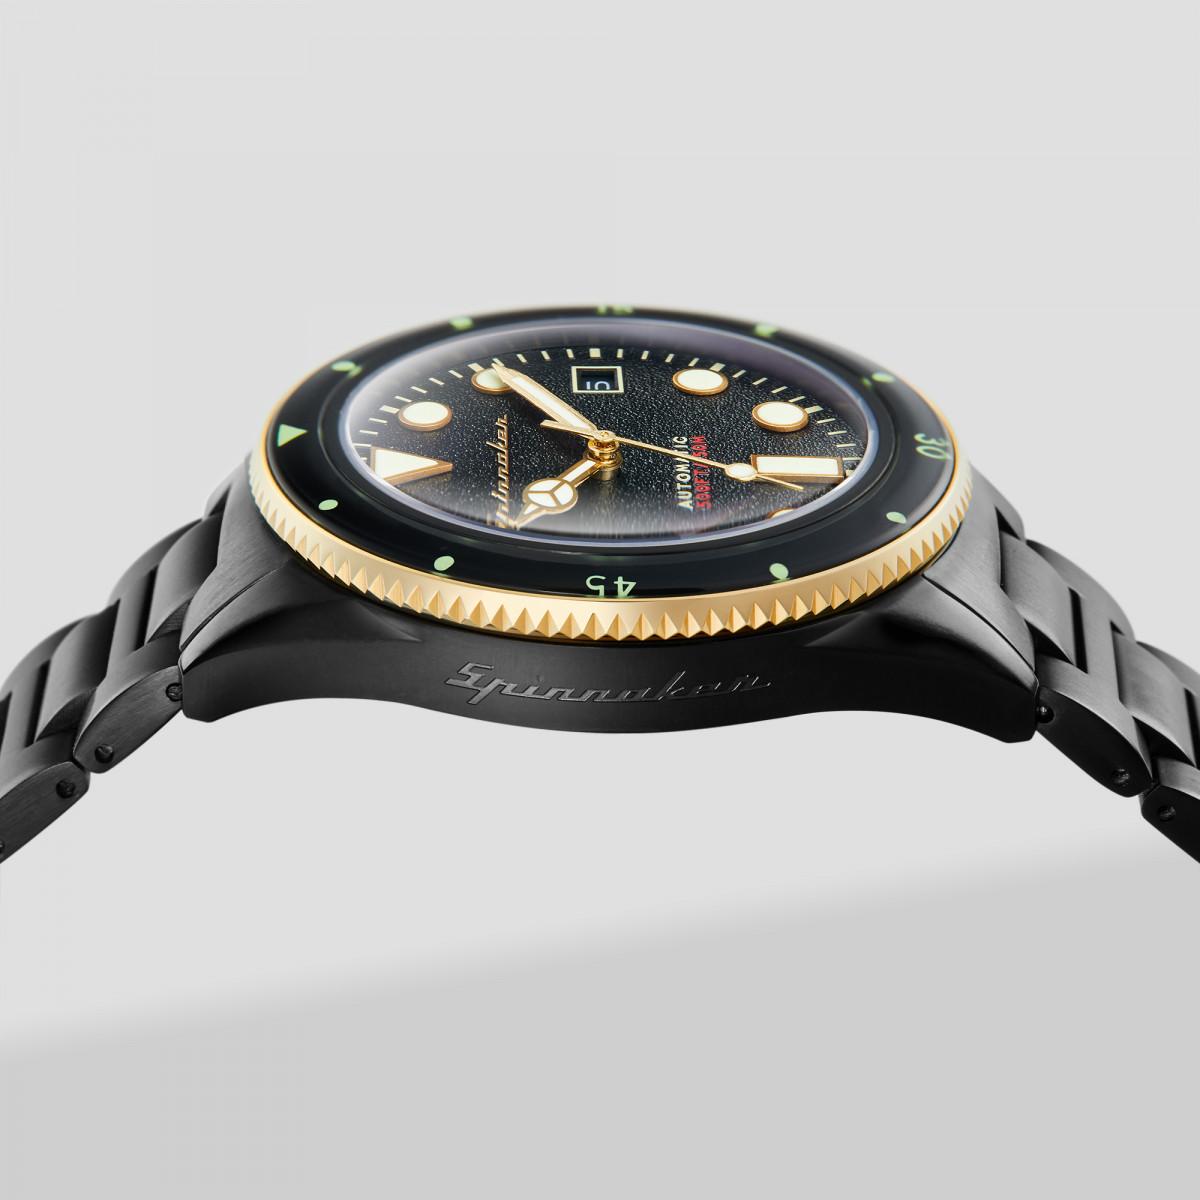 Montre Homme Spinnaker CAHILL Automatique Cadran noir  Bracelet en acier inoxydable